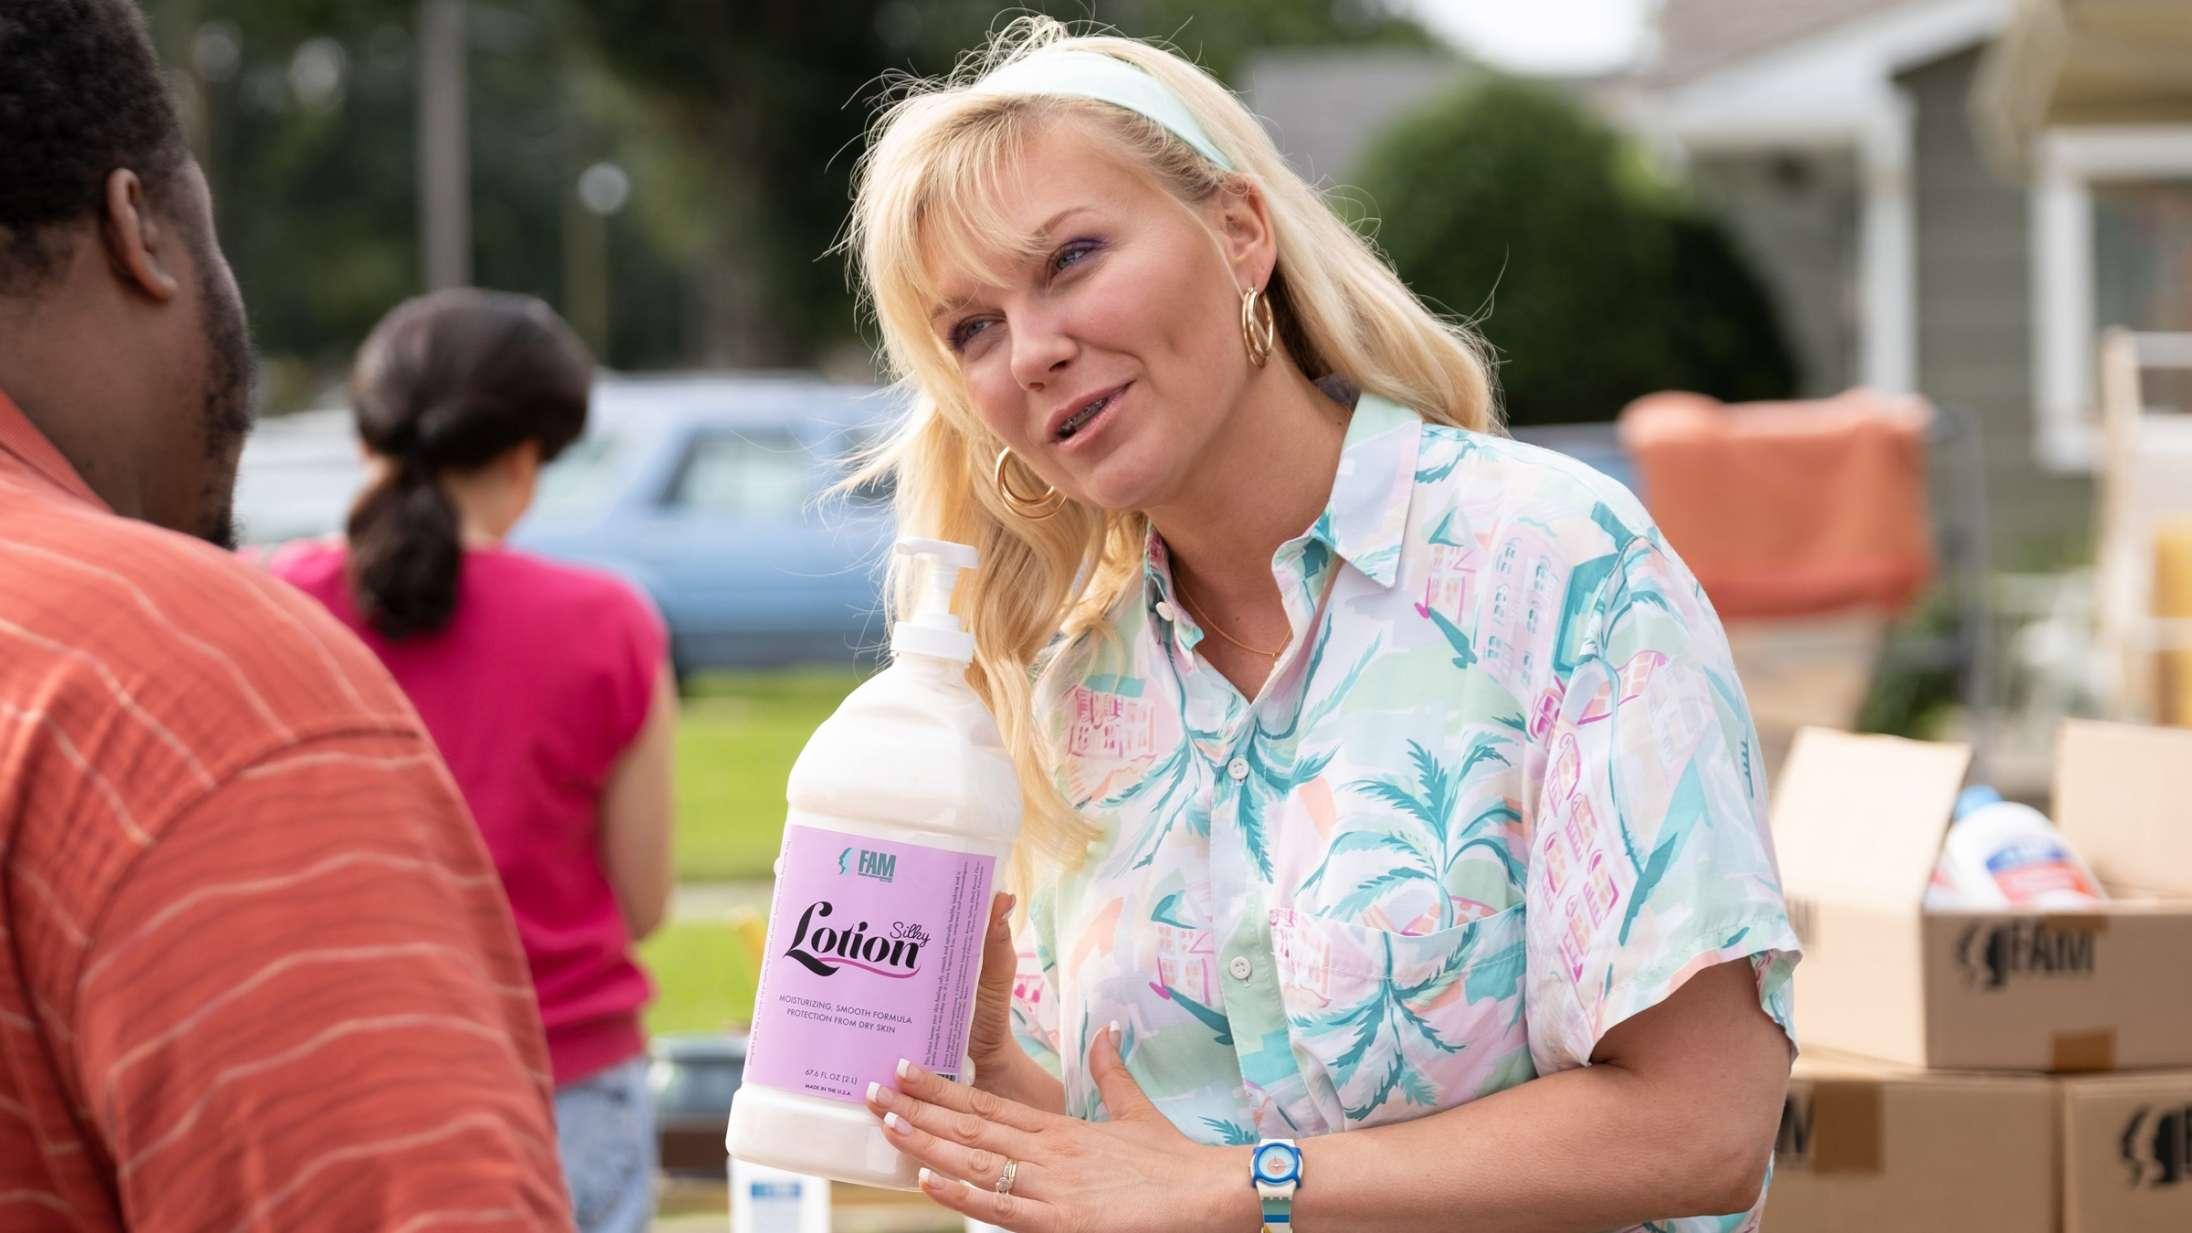 'On Becoming a God in Central Florida': Jeg tilbeder Kirsten Dunst som alligatorpløkkende forstadsgud